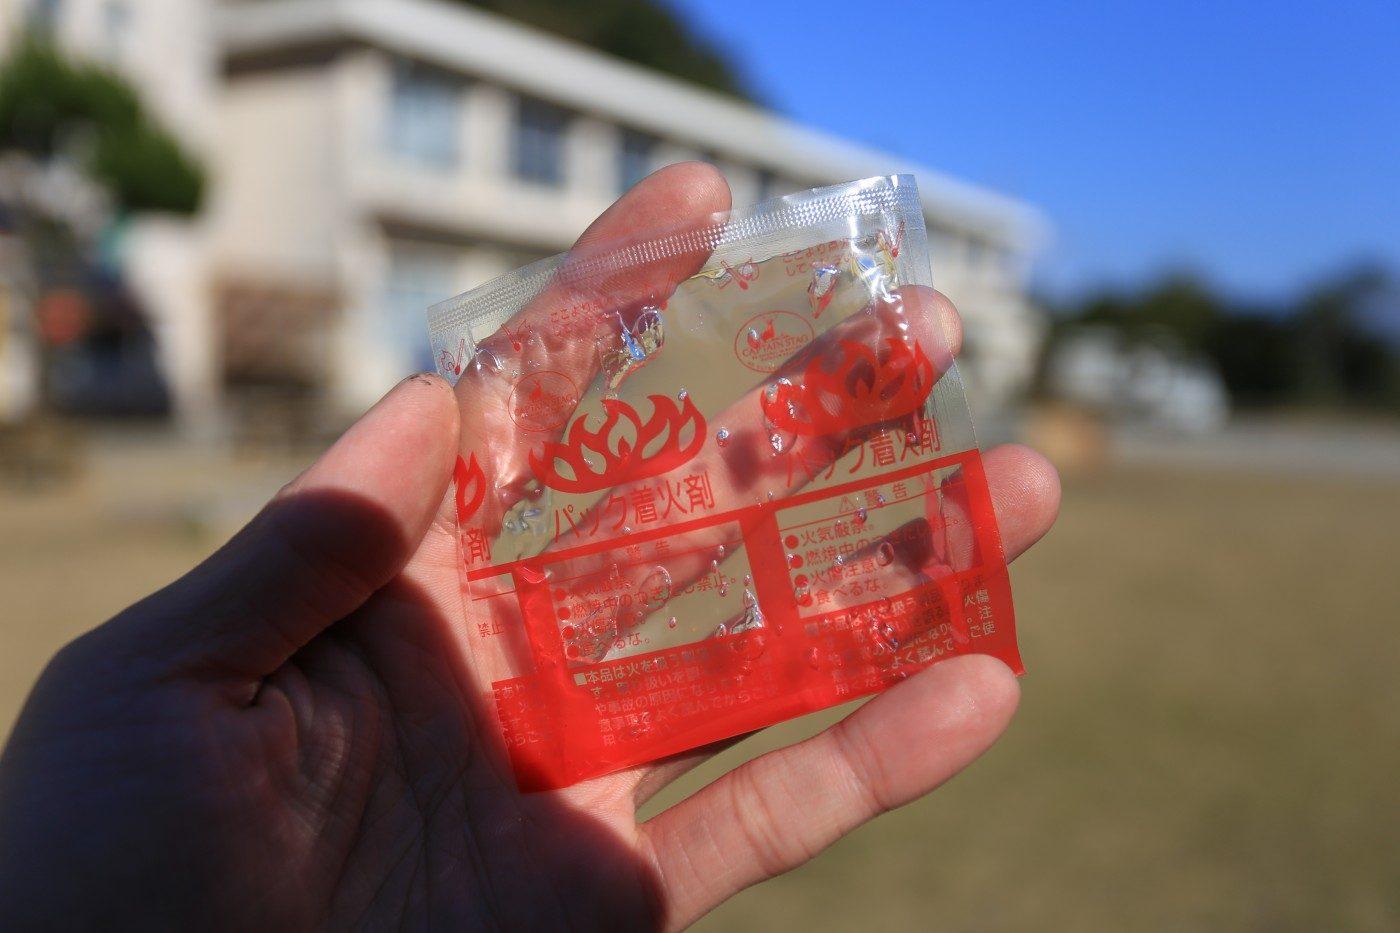 液体着火剤はチューブ型と小袋型がある